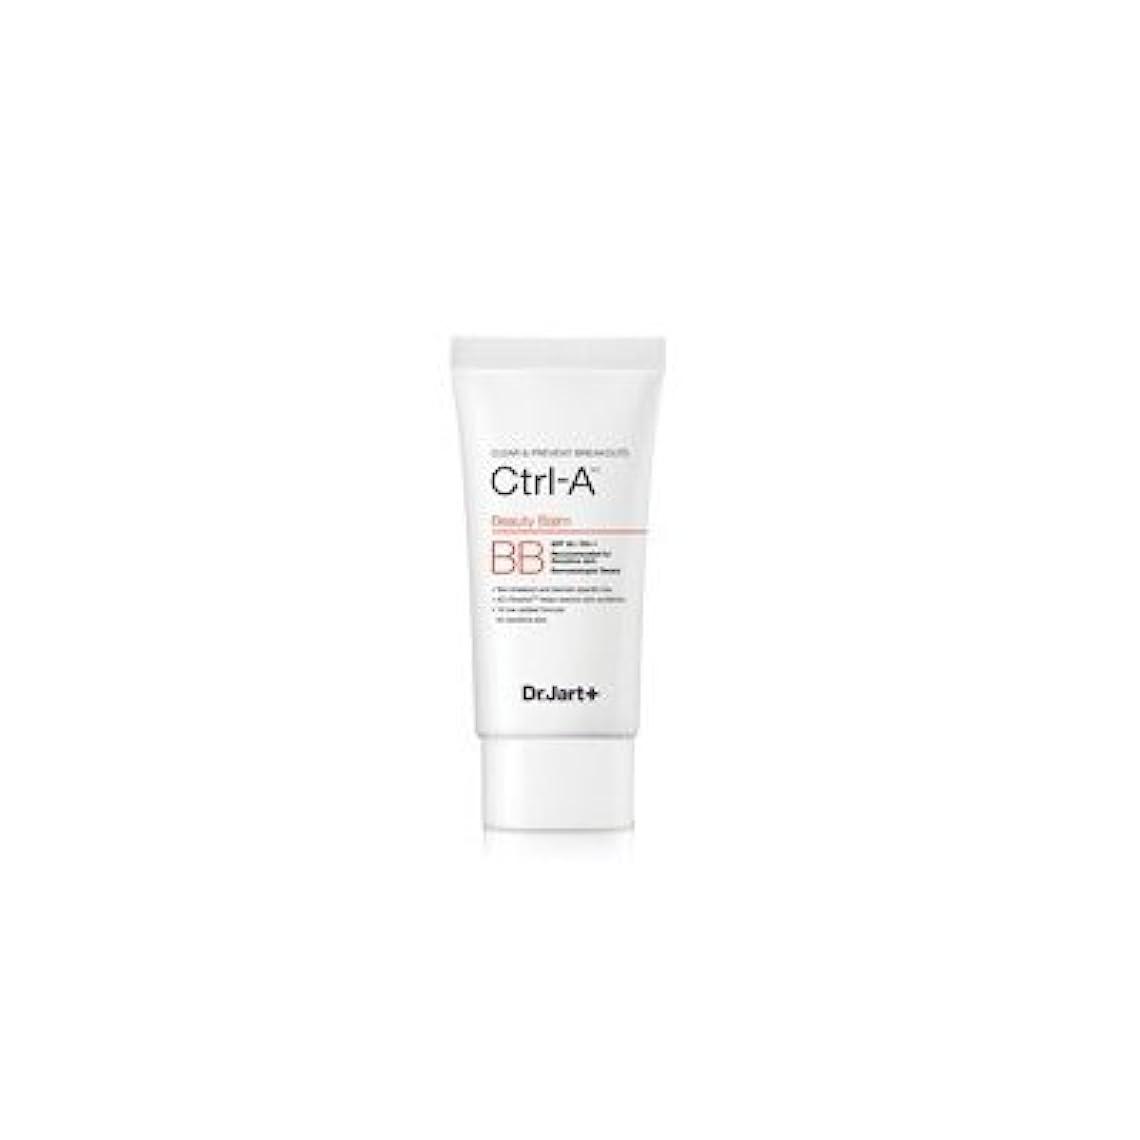 甘味たとえ香りKOREAN COSMETICS, Dr.jart + _Ctrl-A Beauty Balm 40ml (Mild BB cream for sensitive skin, UV protection SPF30/PA...